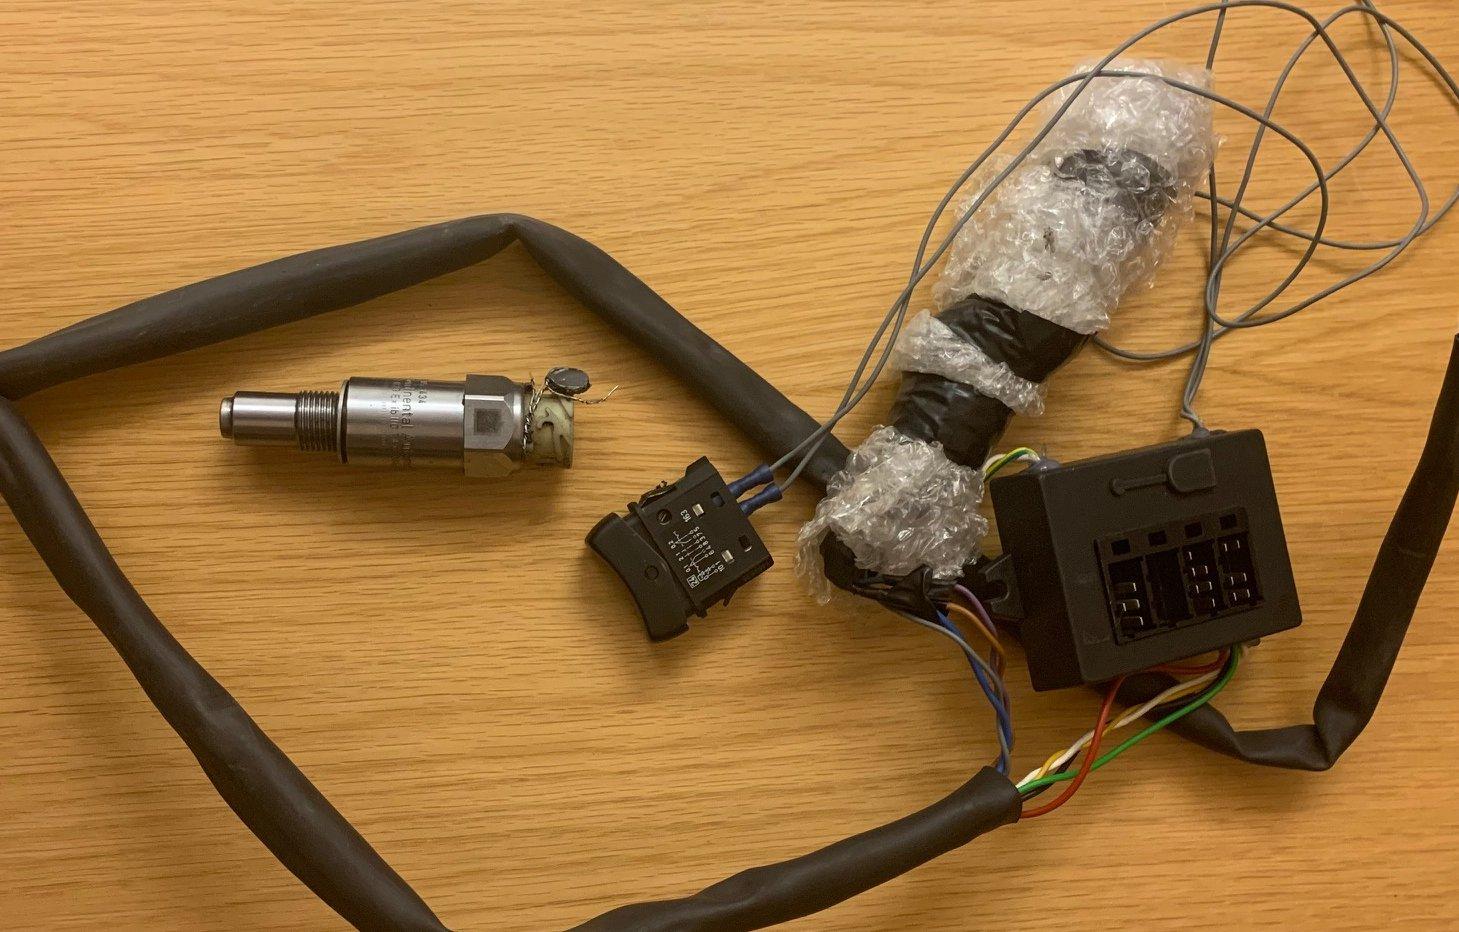 Detta är den extrautrustning man fann i fordonet. En vanlig och inte särskilt avancerad modell.